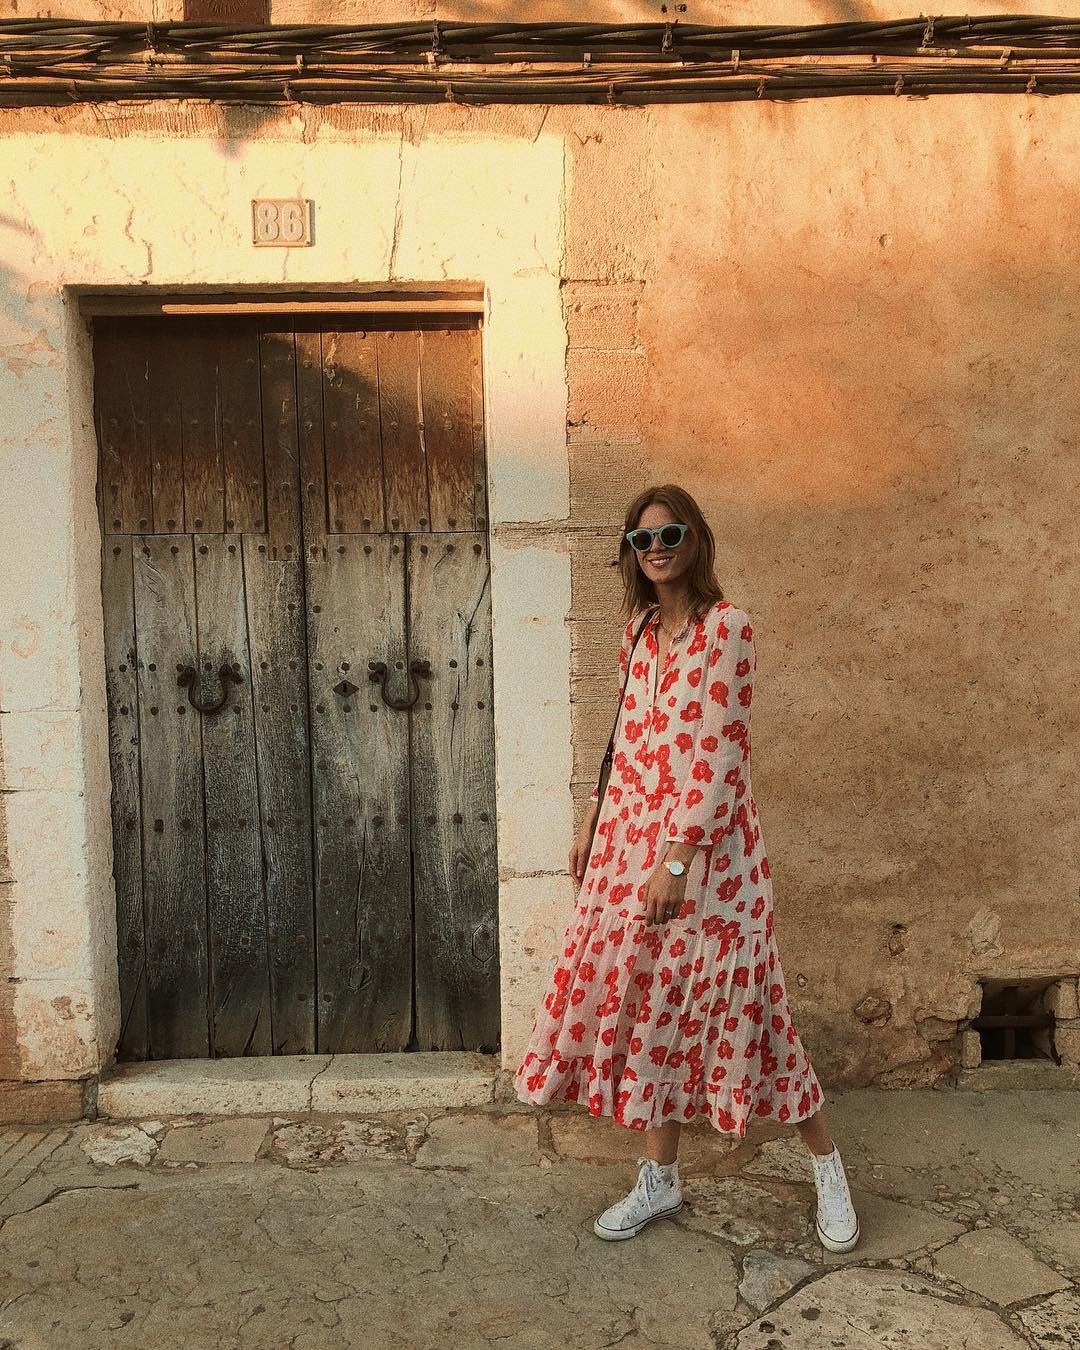 Bộ váy hoa giá cả chục triệu mà đụng hàng xuyên lục địa hết Pháp đến Ý  rồi lại Tây Ban Nha... - Ảnh 3.